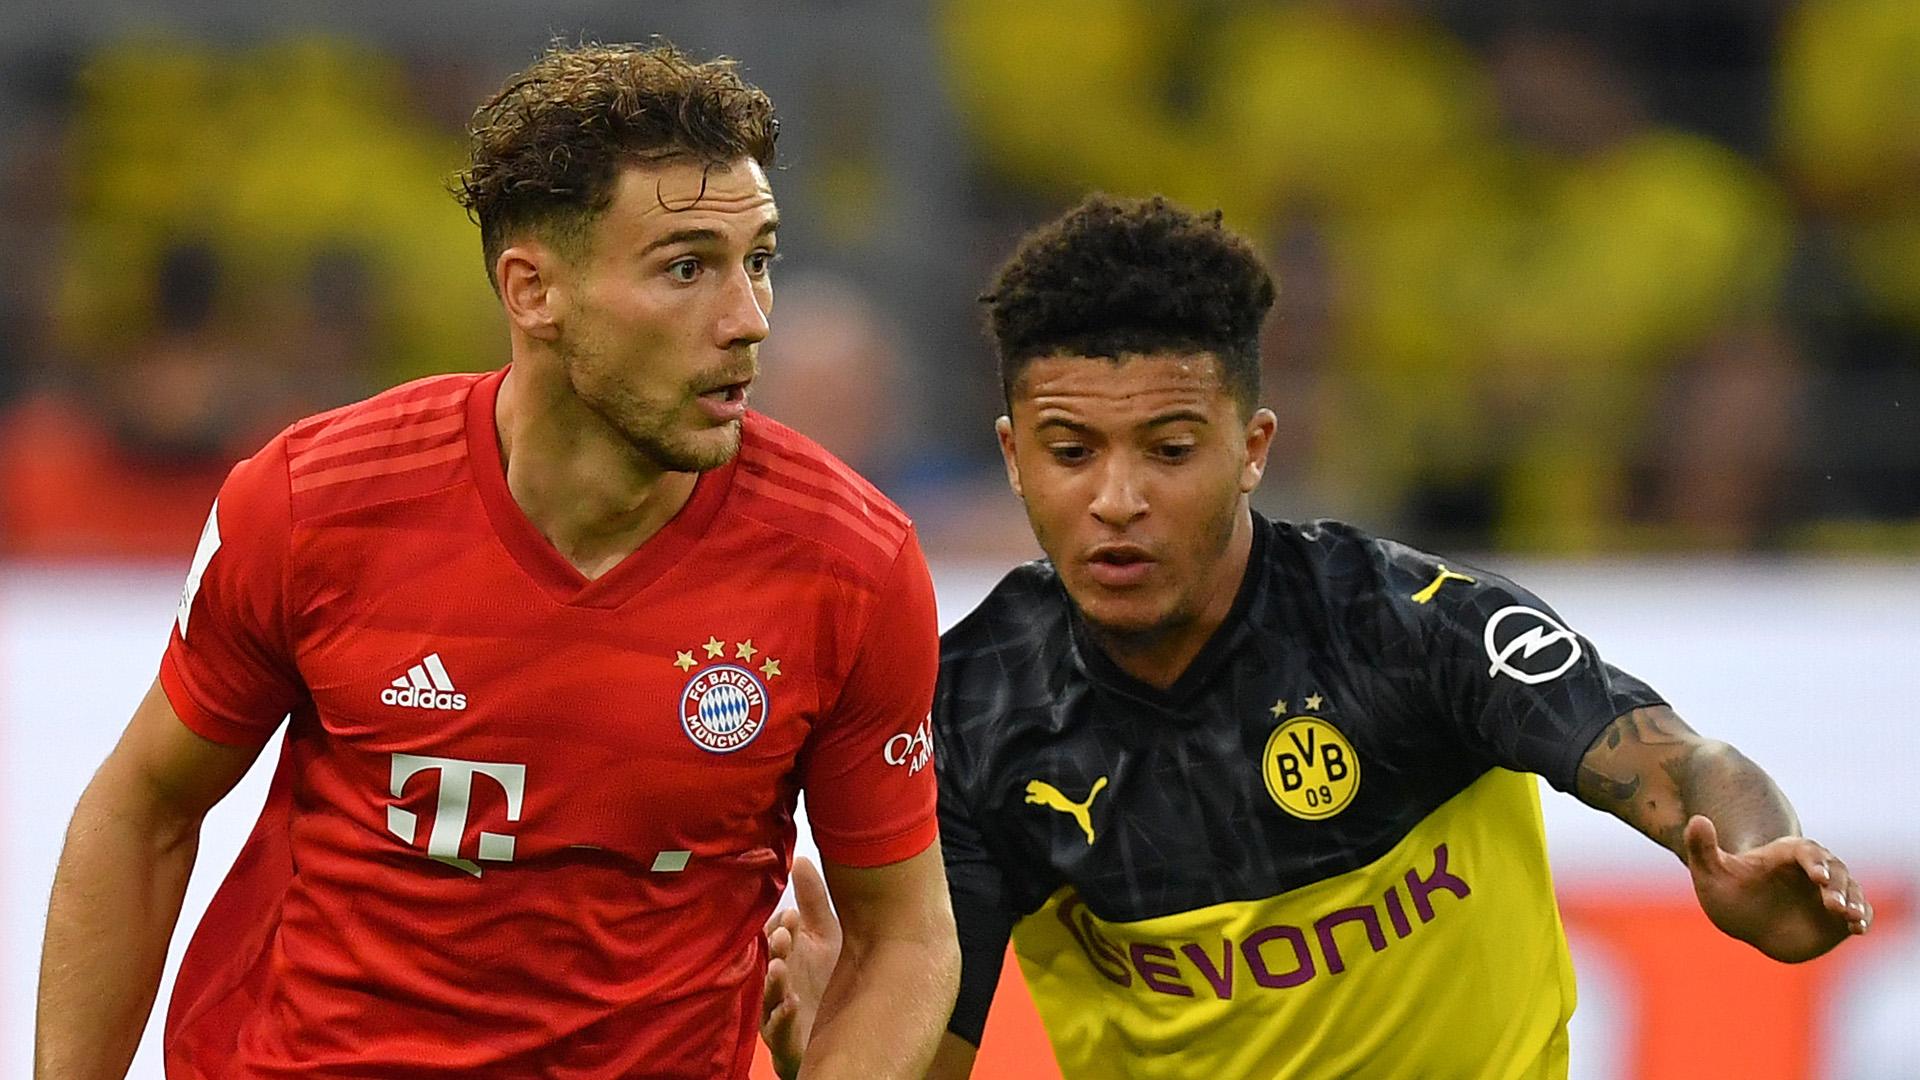 Bayern Munich vs Hertha Berlin: TV channel, live stream